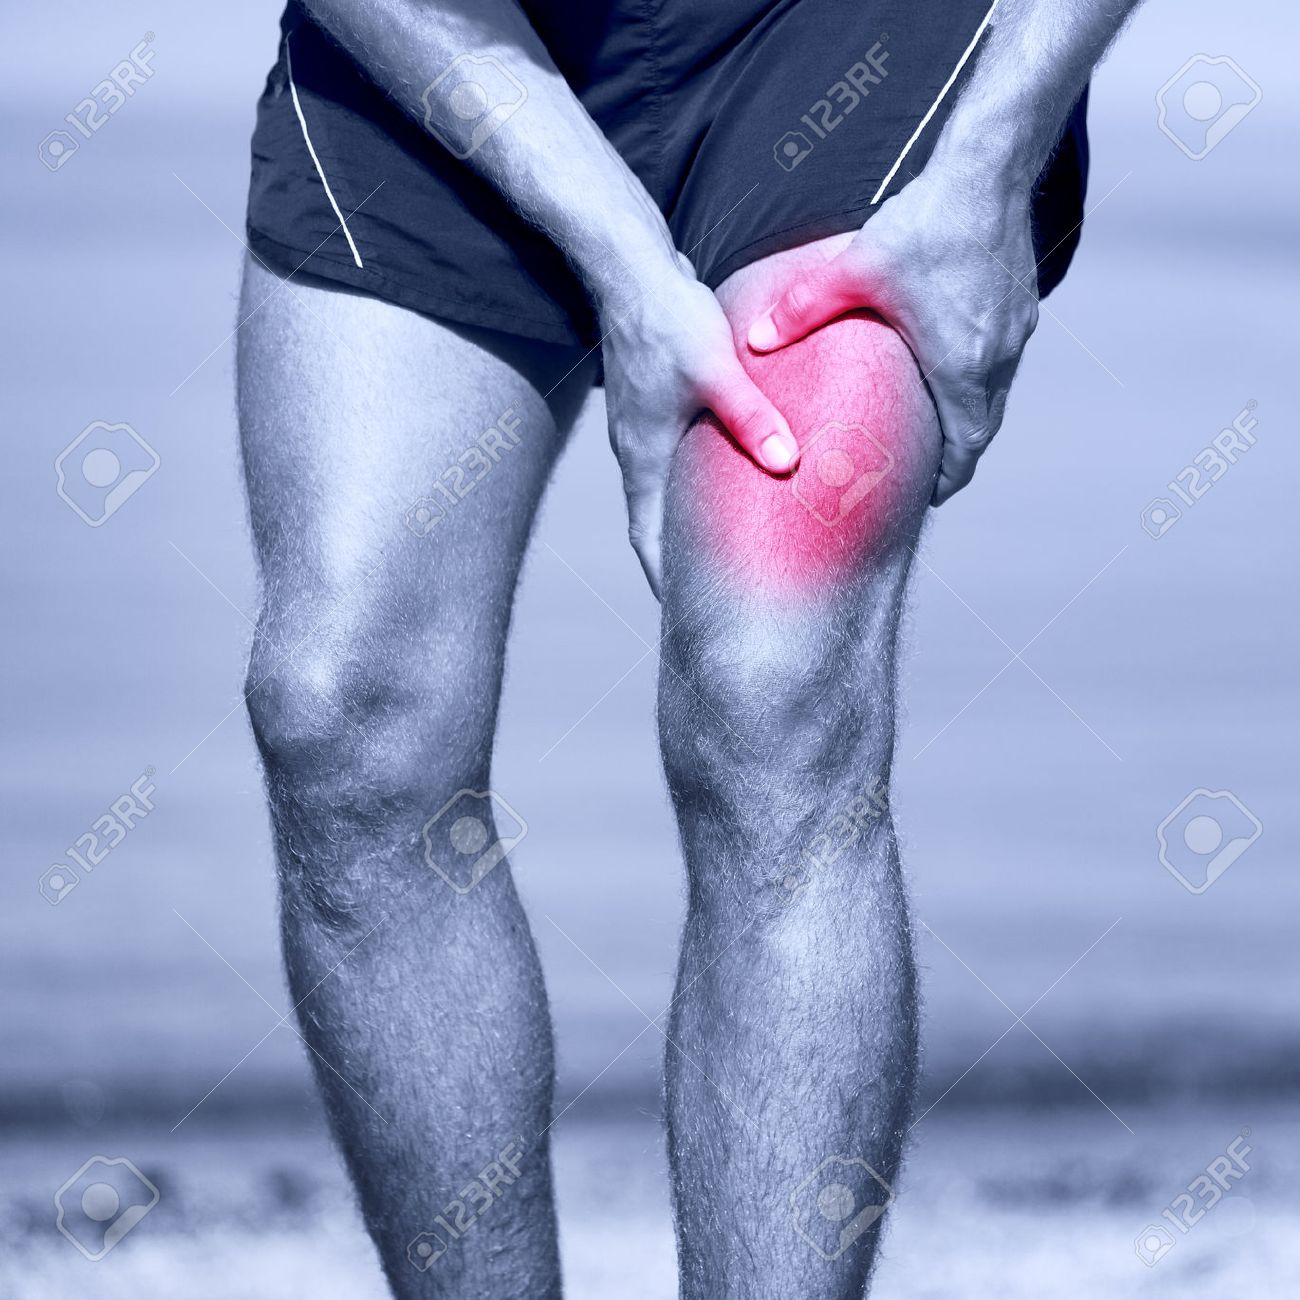 dolor dentro del muslo derecho